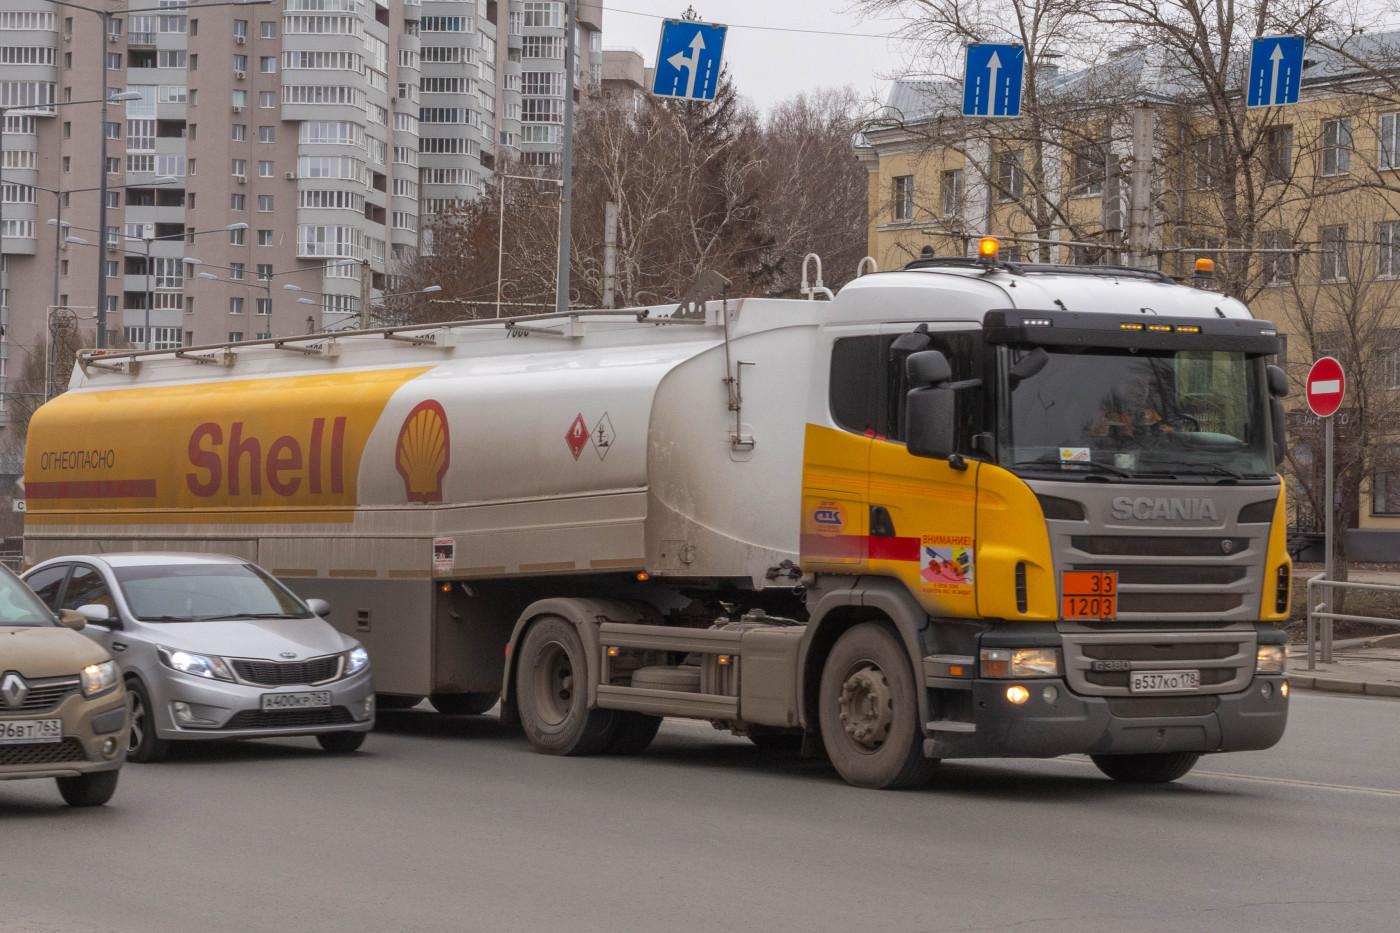 седельный тягач Scania G380 #В537КО178. г. Самара, ул. Ново-Садовая